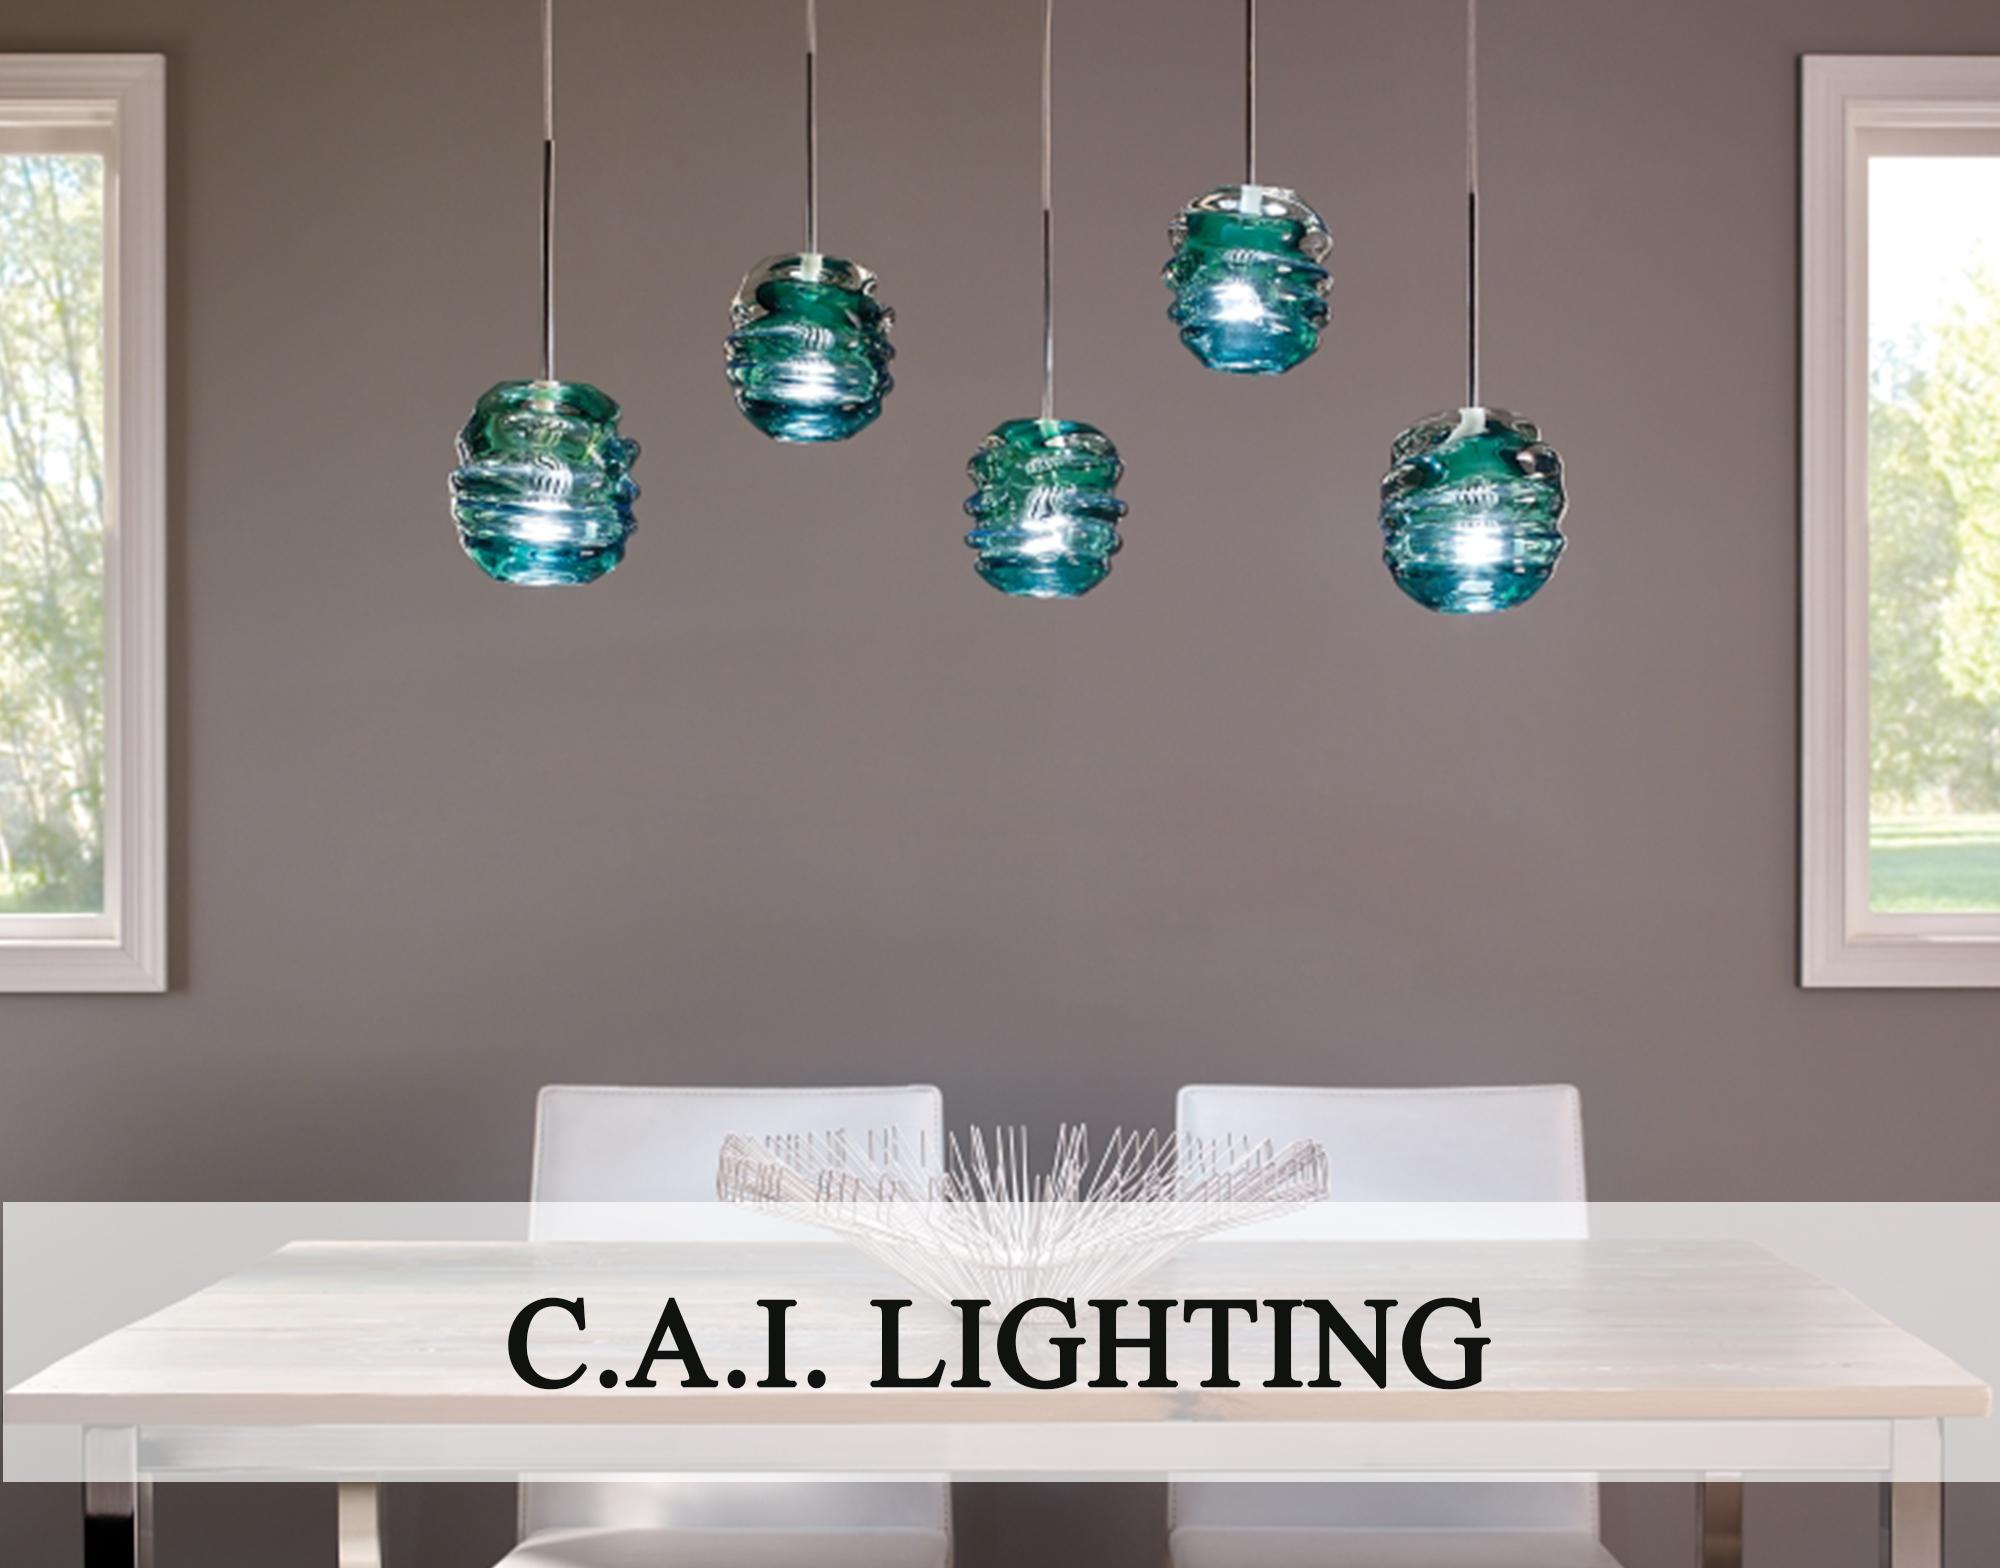 C.A.I. Lighting